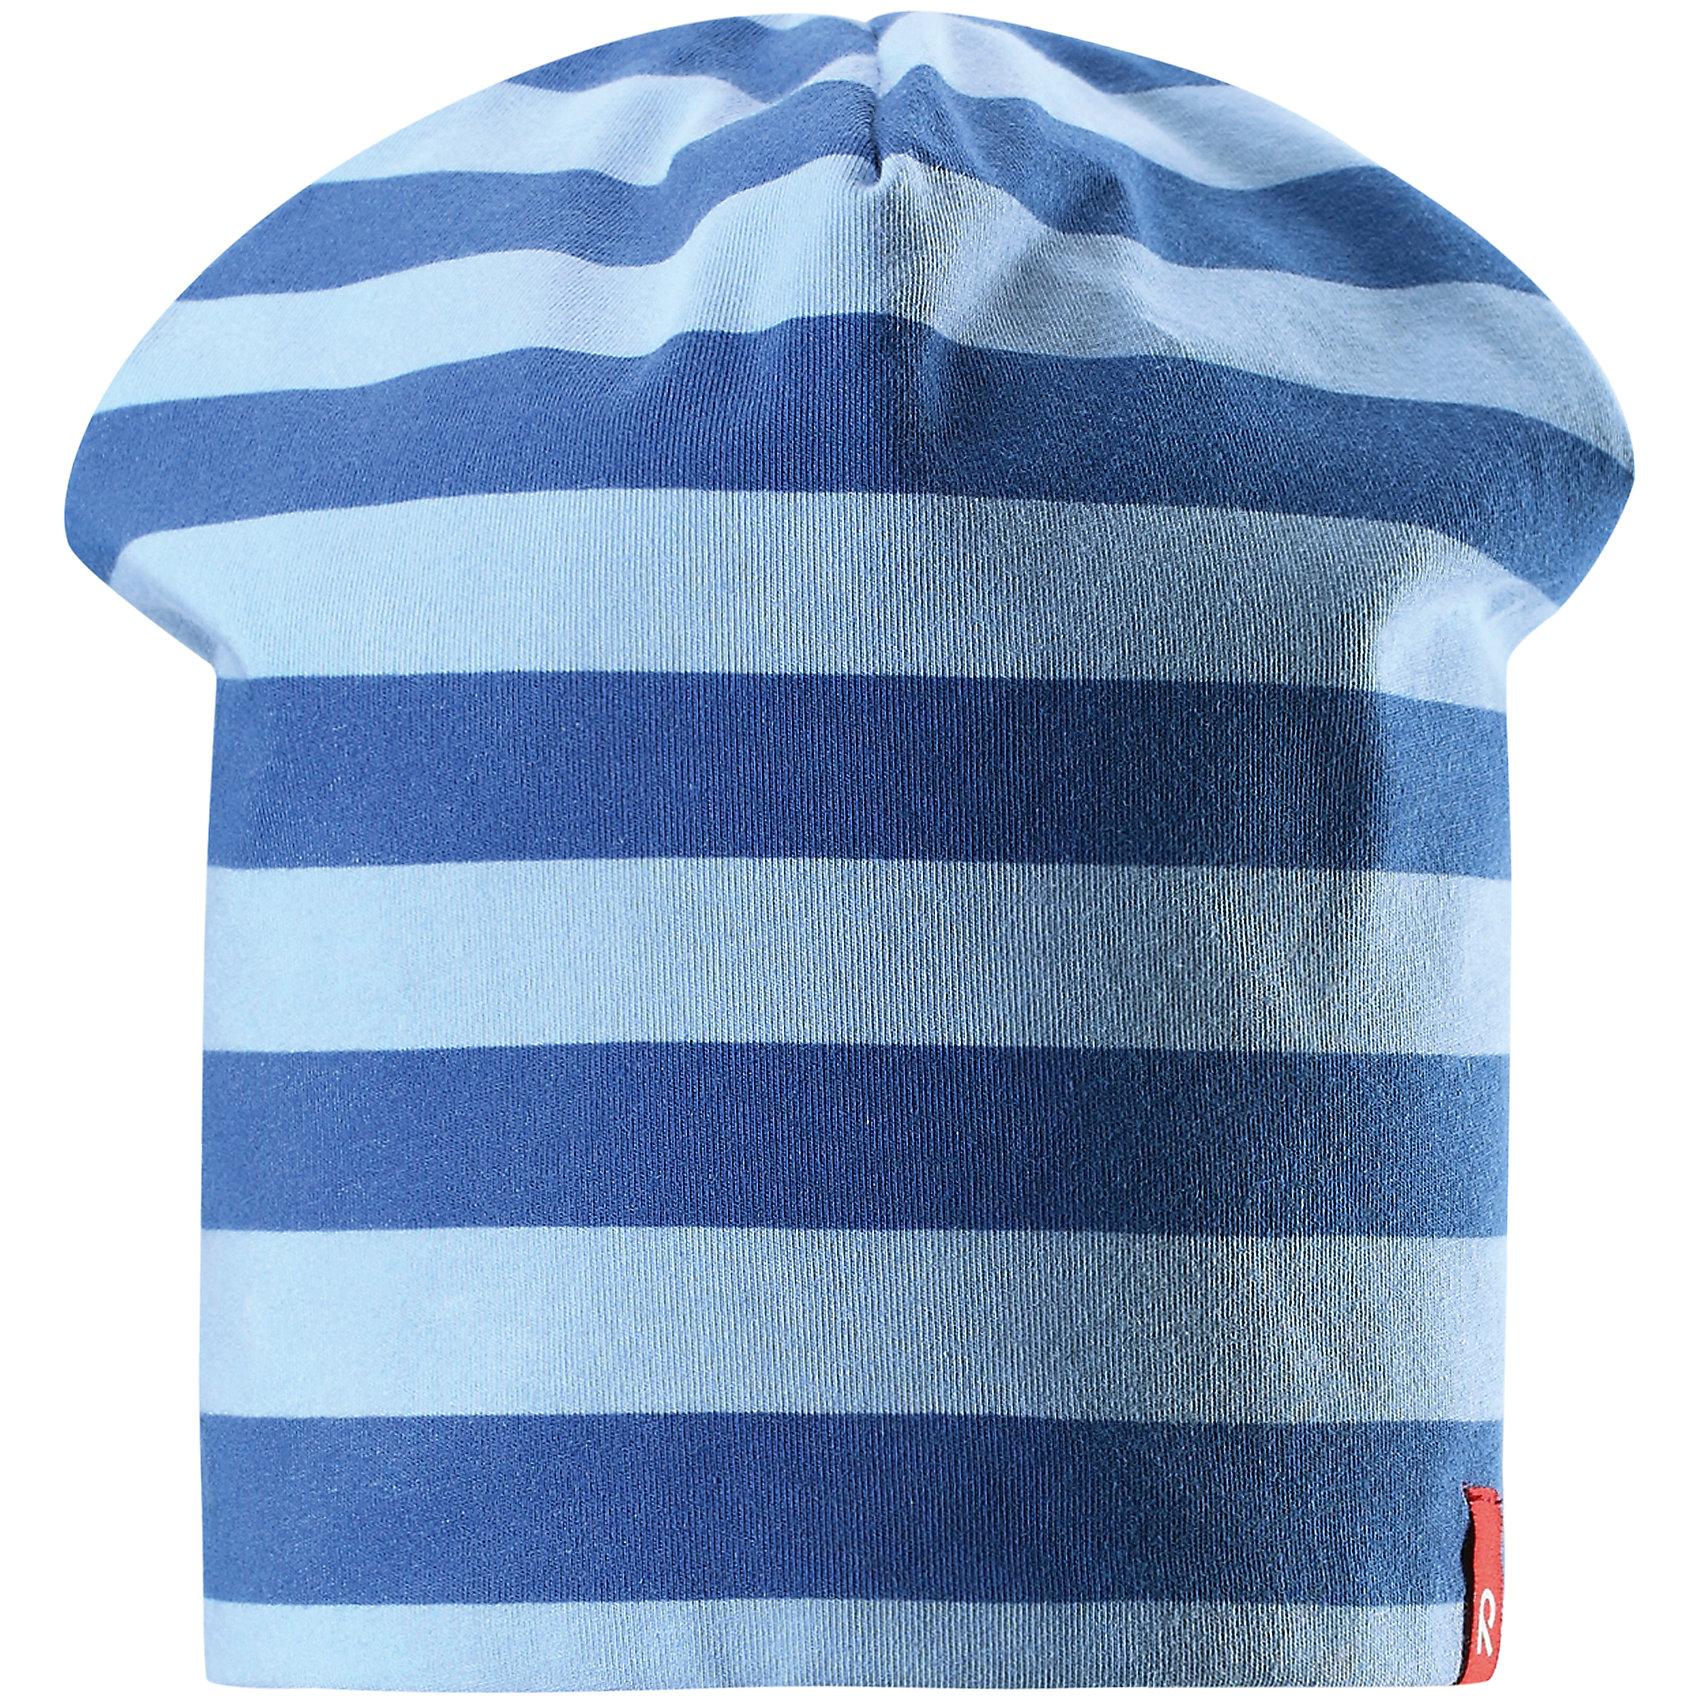 Шапка Frappe ReimaШапки и шарфы<br>Характеристики товара:<br><br>• цвет: голубой/синий<br>• быстросохнущий материал<br>• состав: 65% хлопок, 30% полиэстер, 5% эластан<br>• температурный режим: от +5°до +15°С<br>• эластичный материал<br>• сплошная подкладка: влаговыводящий трикотаж<br>• двухсторонняя<br>• отводящий влагу материал Play Jersey<br>• декоративный логотип<br>• фактор защиты от ультрафиолета: 40+<br>• комфортная посадка<br>• страна производства: Китай<br>• страна бренда: Финляндия<br>• коллекция: весна-лето 2017<br><br>Детский головной убор может быть модным и удобным одновременно! Стильная шапка поможет обеспечить ребенку комфорт и дополнить наряд. Она отлично смотрится с различной одеждой. Шапка удобно сидит и аккуратно выглядит. Проста в уходе, долго служит. Стильный дизайн разрабатывался специально для детей. Отличная защита от солнца!<br><br>Одежда и обувь от финского бренда Reima пользуется популярностью во многих странах. Эти изделия стильные, качественные и удобные. Для производства продукции используются только безопасные, проверенные материалы и фурнитура. Порадуйте ребенка модными и красивыми вещами от Reima! <br><br>Шапку для мальчика от финского бренда Reima (Рейма) можно купить в нашем интернет-магазине.<br><br>Ширина мм: 89<br>Глубина мм: 117<br>Высота мм: 44<br>Вес г: 155<br>Цвет: синий<br>Возраст от месяцев: 18<br>Возраст до месяцев: 36<br>Пол: Мужской<br>Возраст: Детский<br>Размер: 54,50<br>SKU: 5267910